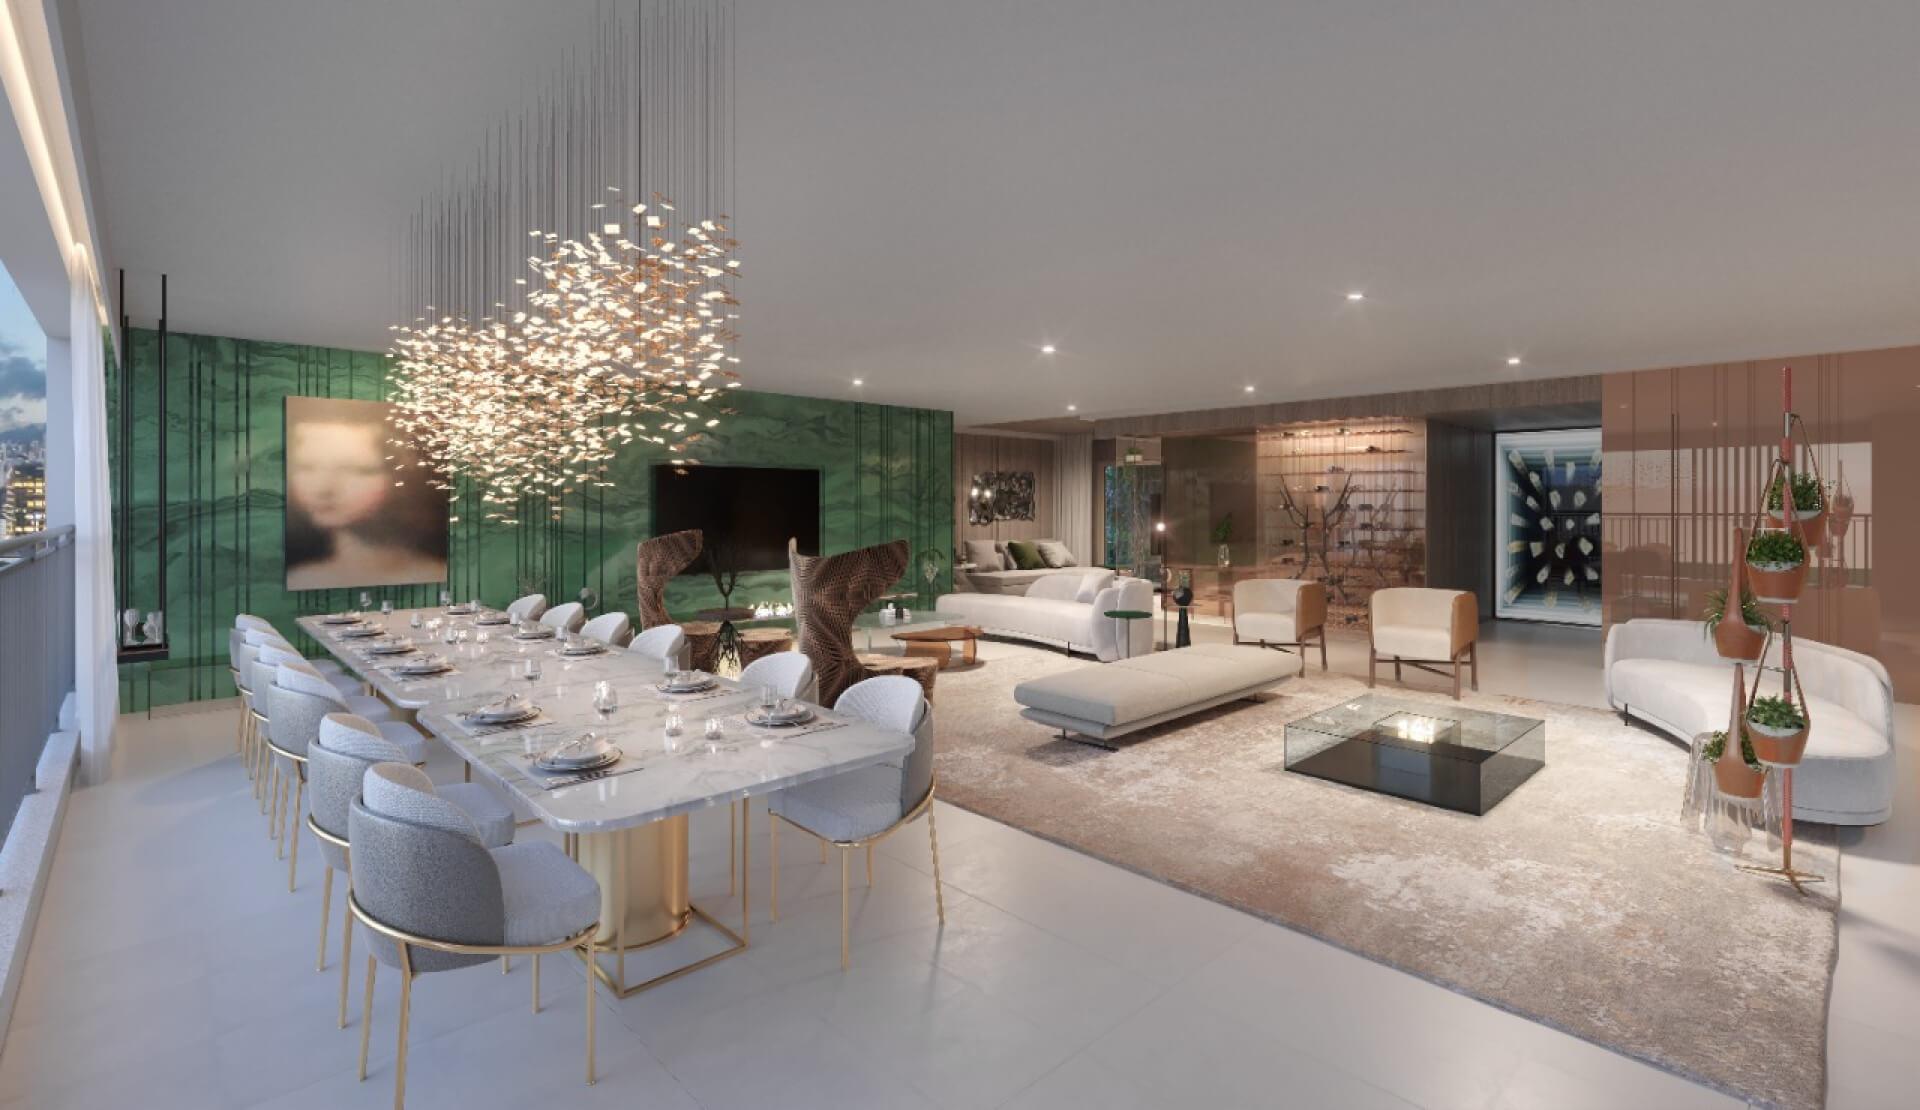 LIVING do apto de 272 m² integrado ao terraço criando uma ampla área social que proporciona flexibilidade na configuração do ambiente, assim você pode criar diversas áreas para receber como espaços de estar e uma extensa sala de jantar.